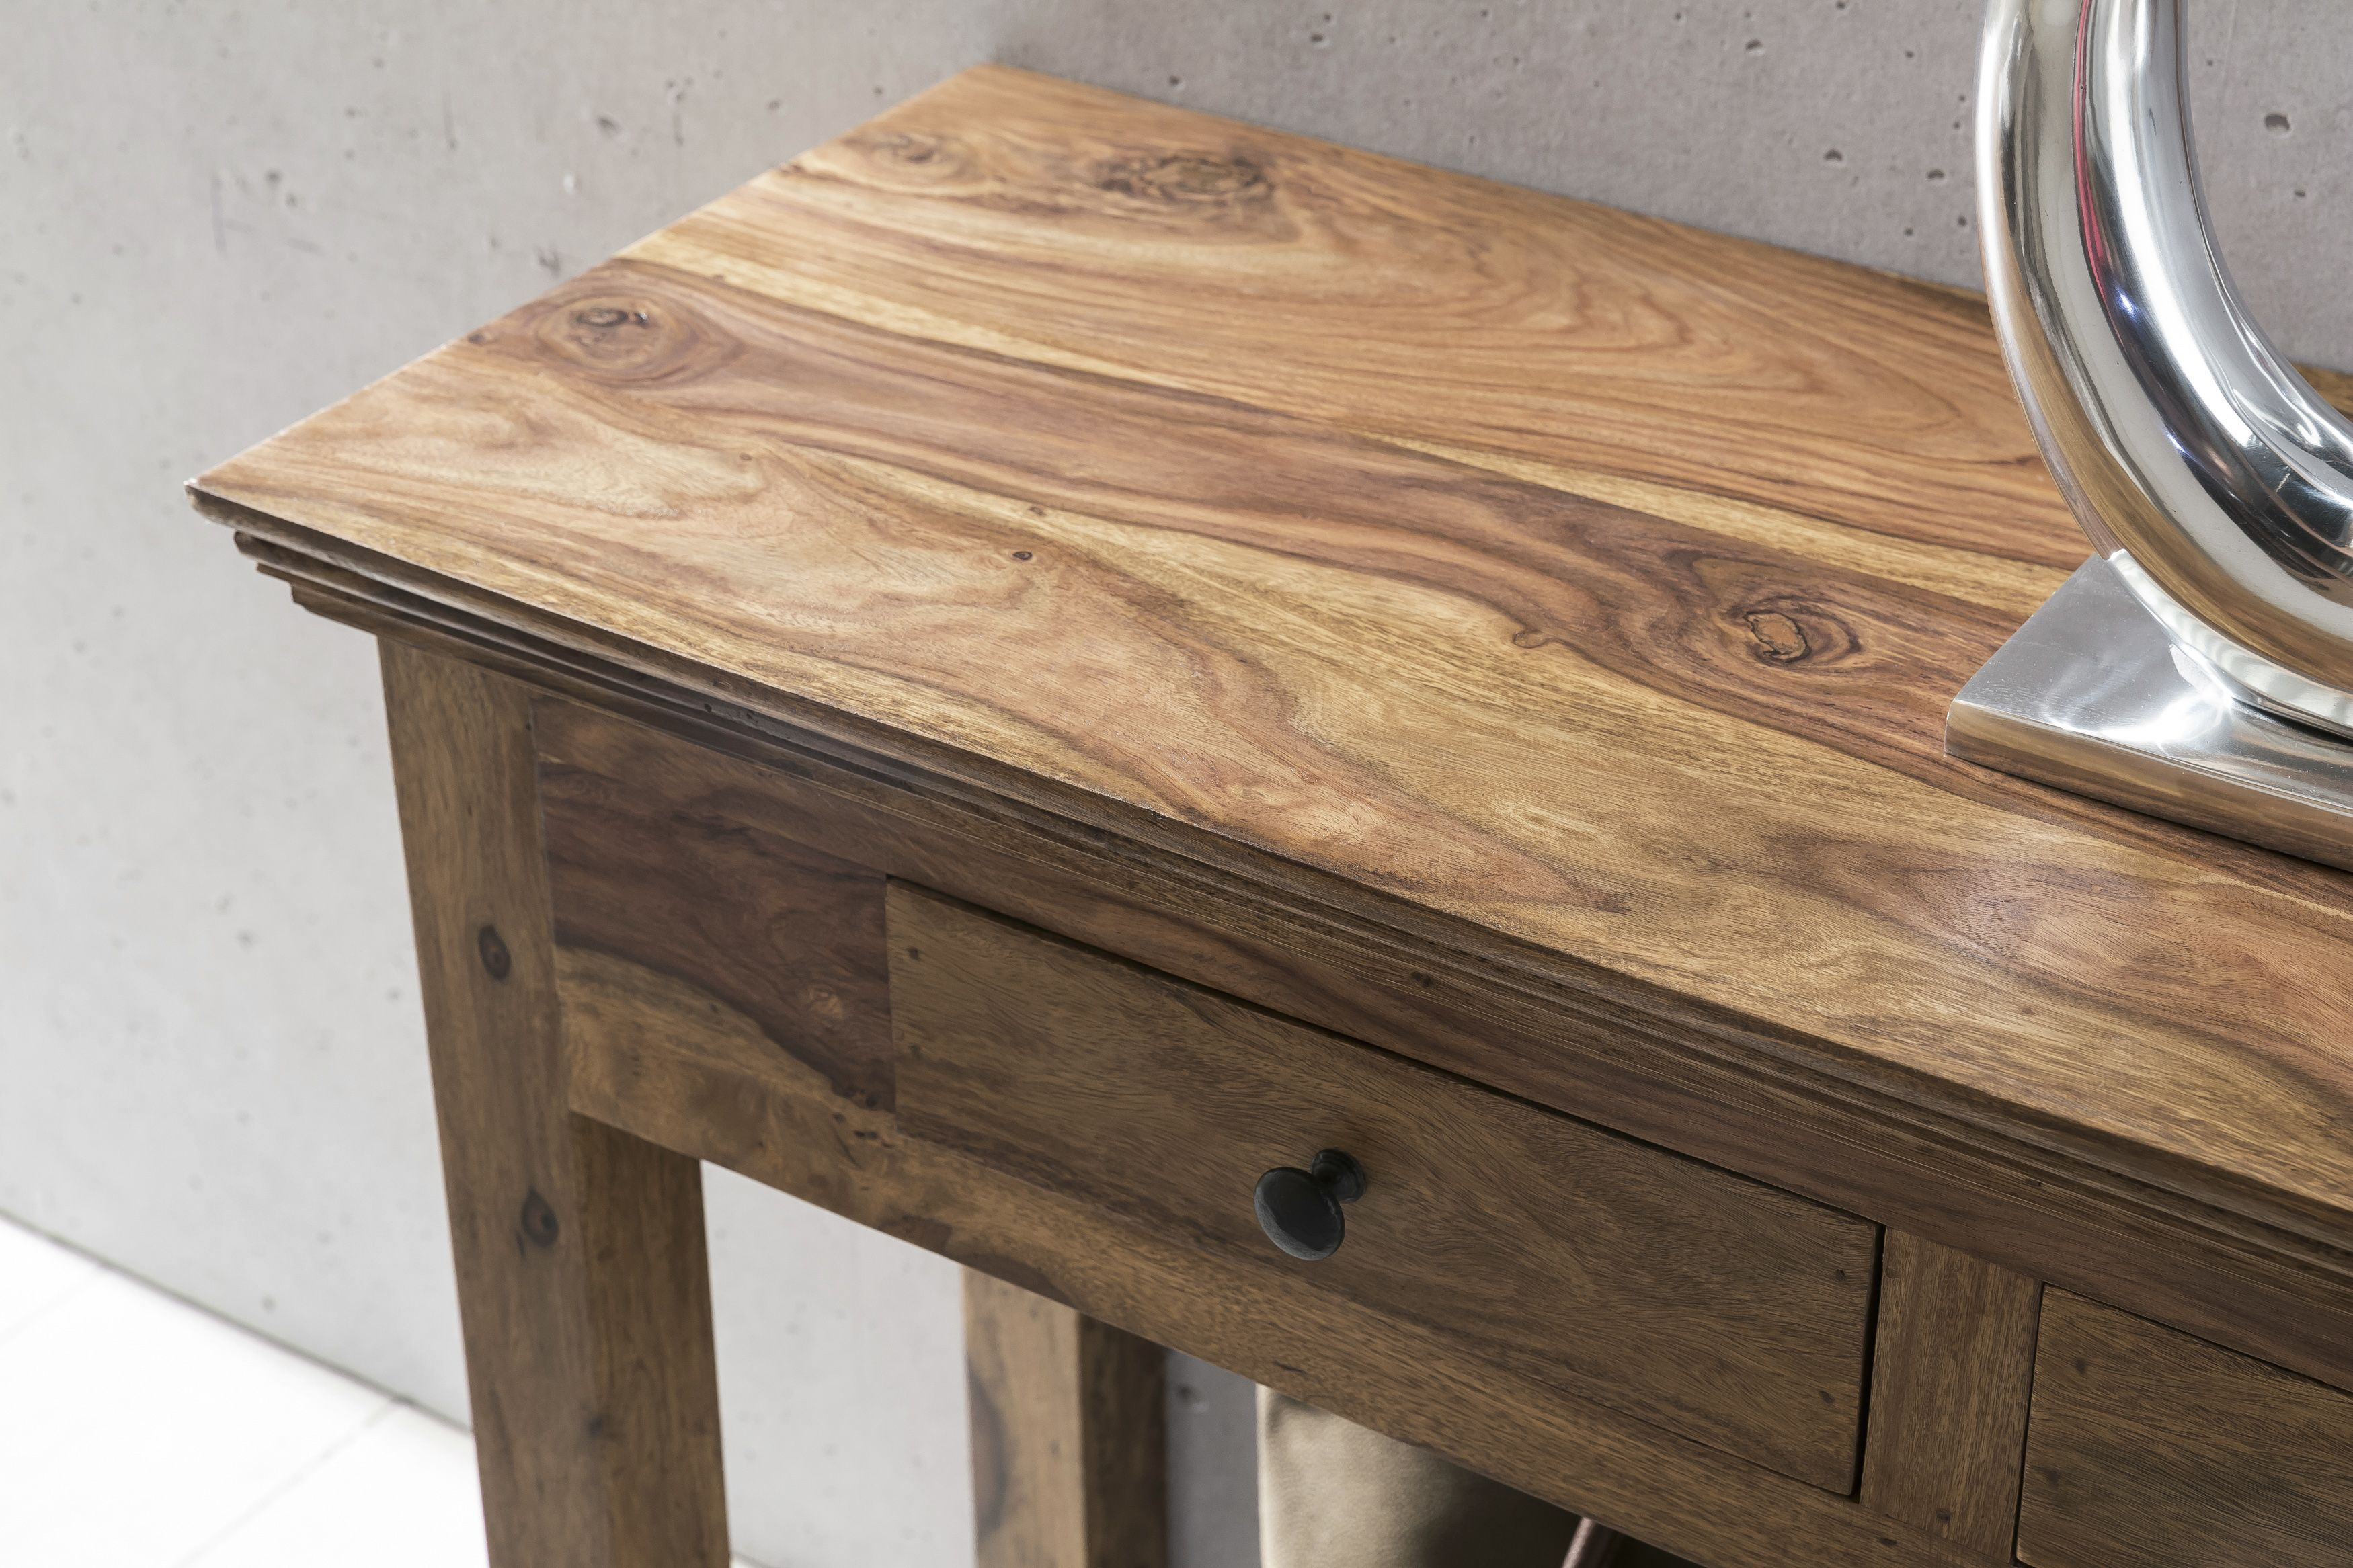 Wohnling Konsolentisch Mumbai 110 Cm Wl1 214 Aus Sheesham Massivholz Flur Wohnzimmer Arbeitszimmer Holz Dunkel Schminkt Konsolentisch Konsolen Tisch Holz